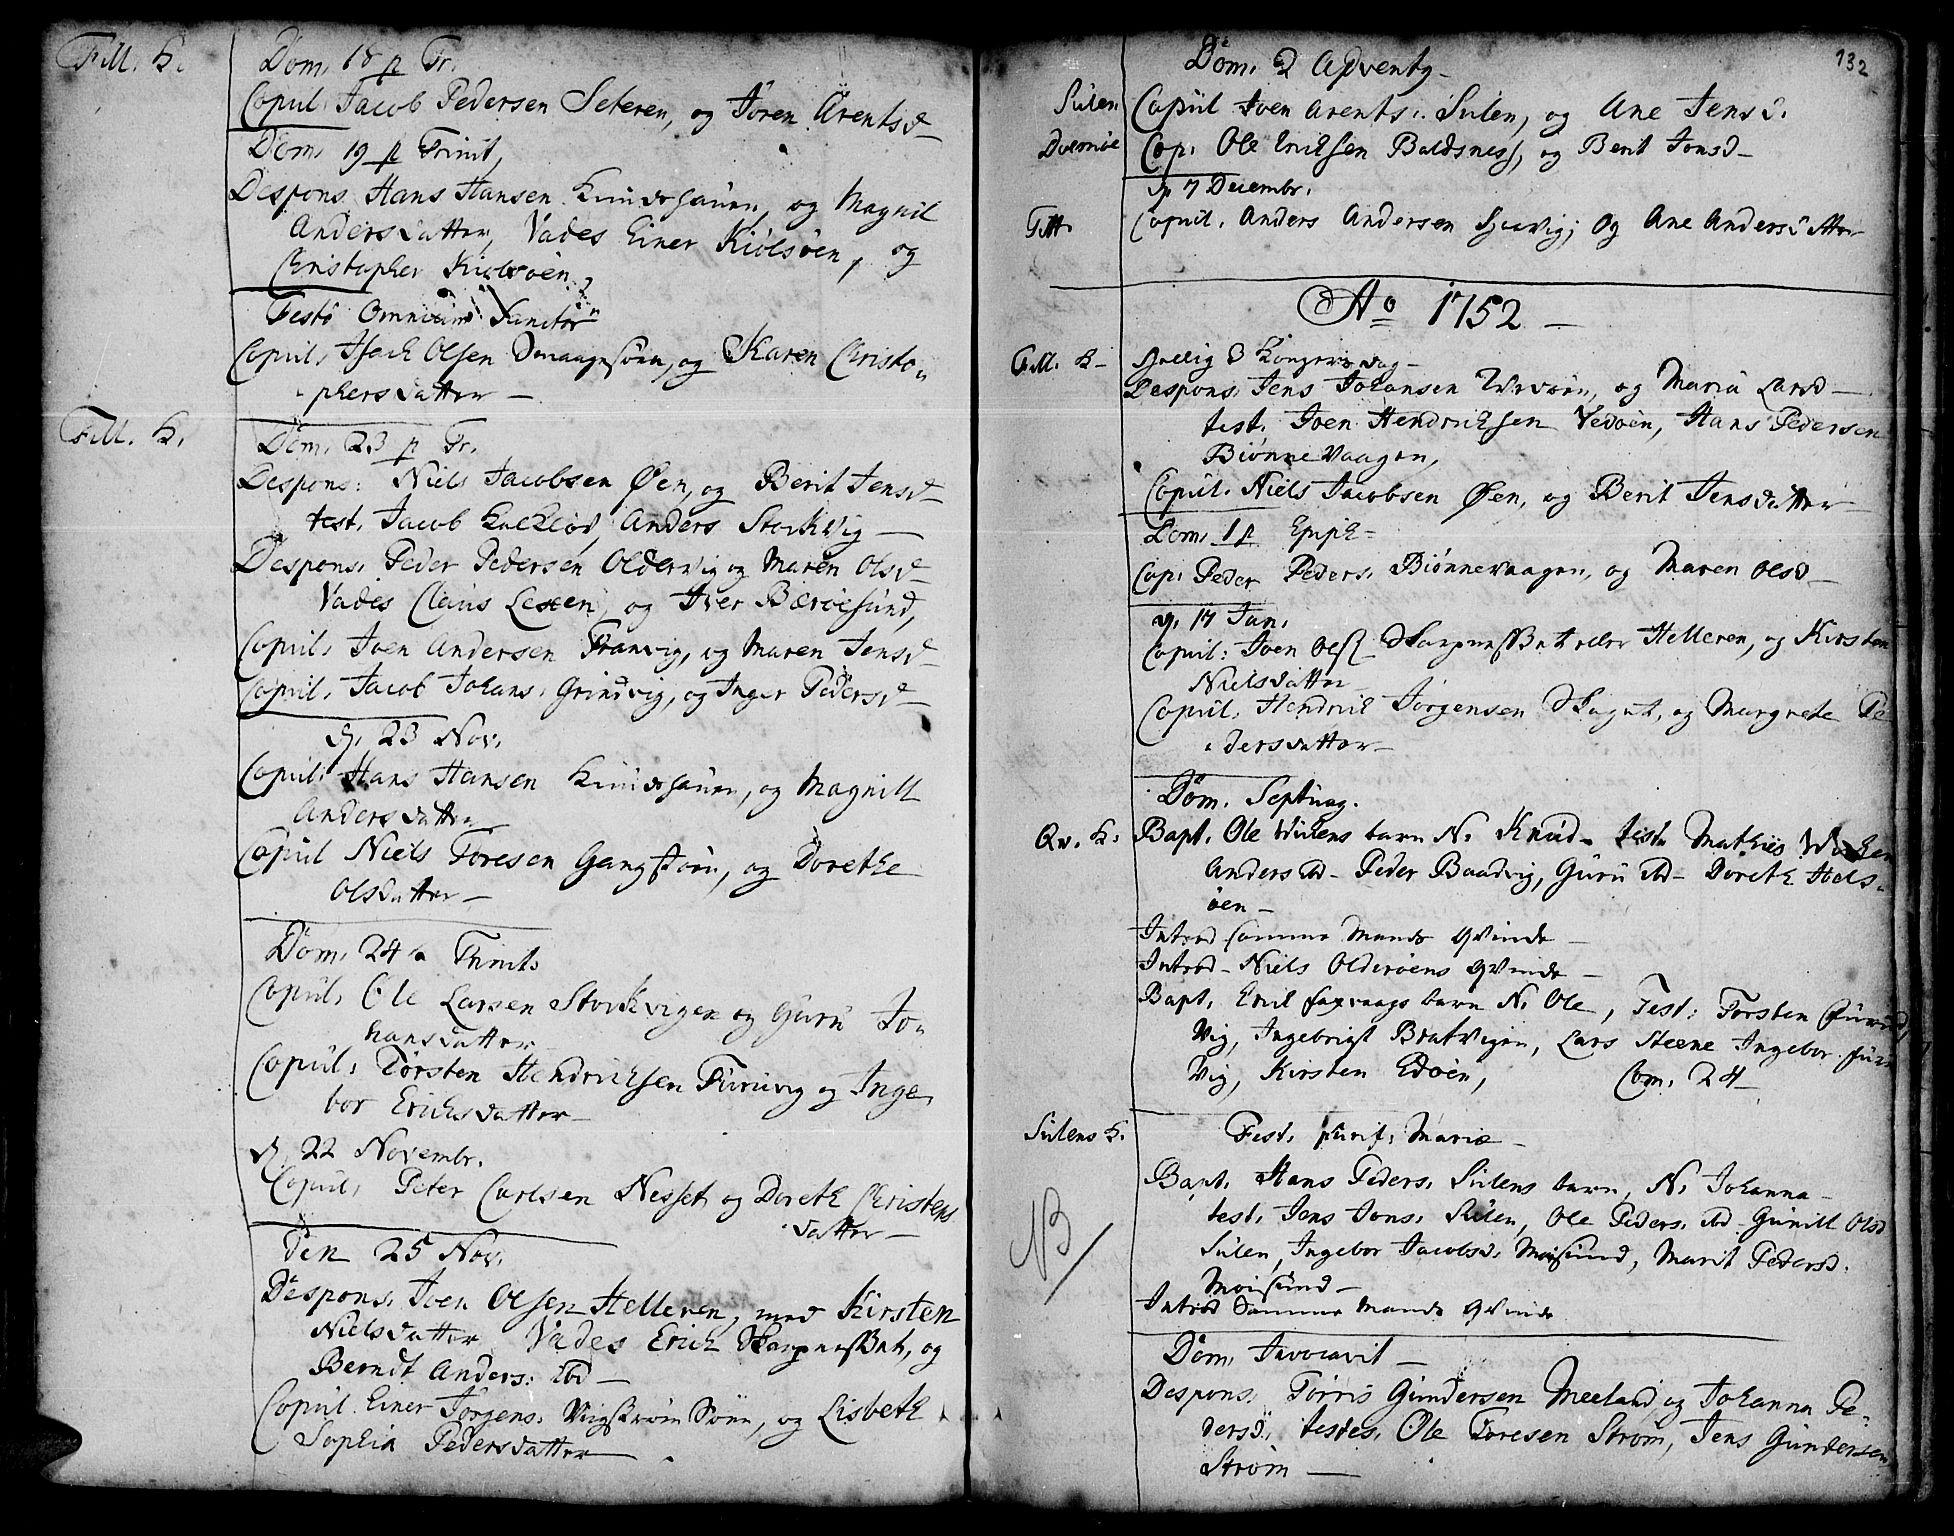 SAT, Ministerialprotokoller, klokkerbøker og fødselsregistre - Sør-Trøndelag, 634/L0525: Ministerialbok nr. 634A01, 1736-1775, s. 132